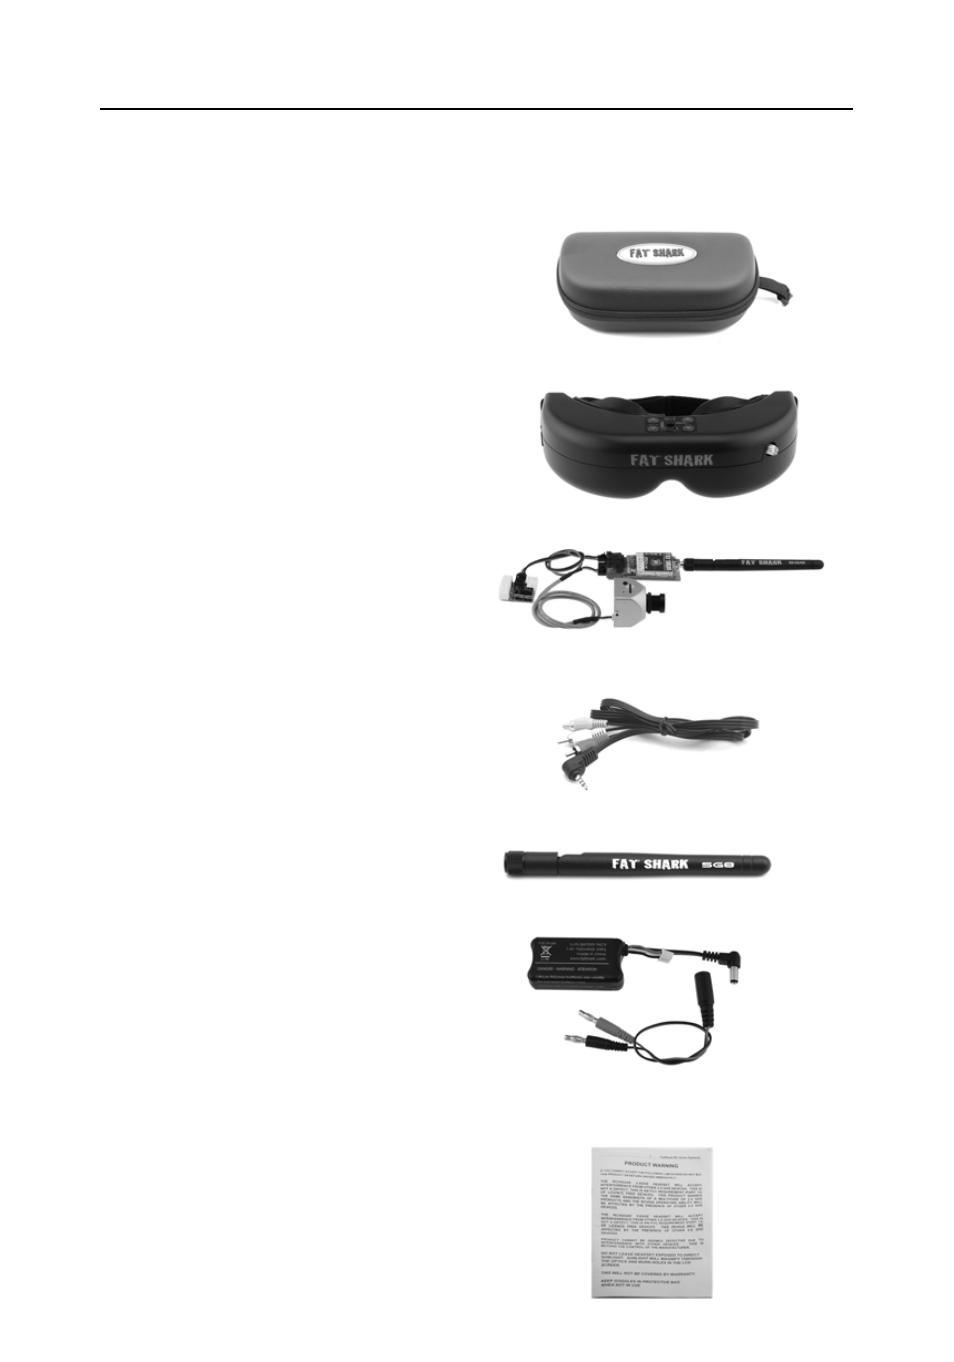 polaroid automatic 101 land camera user manual